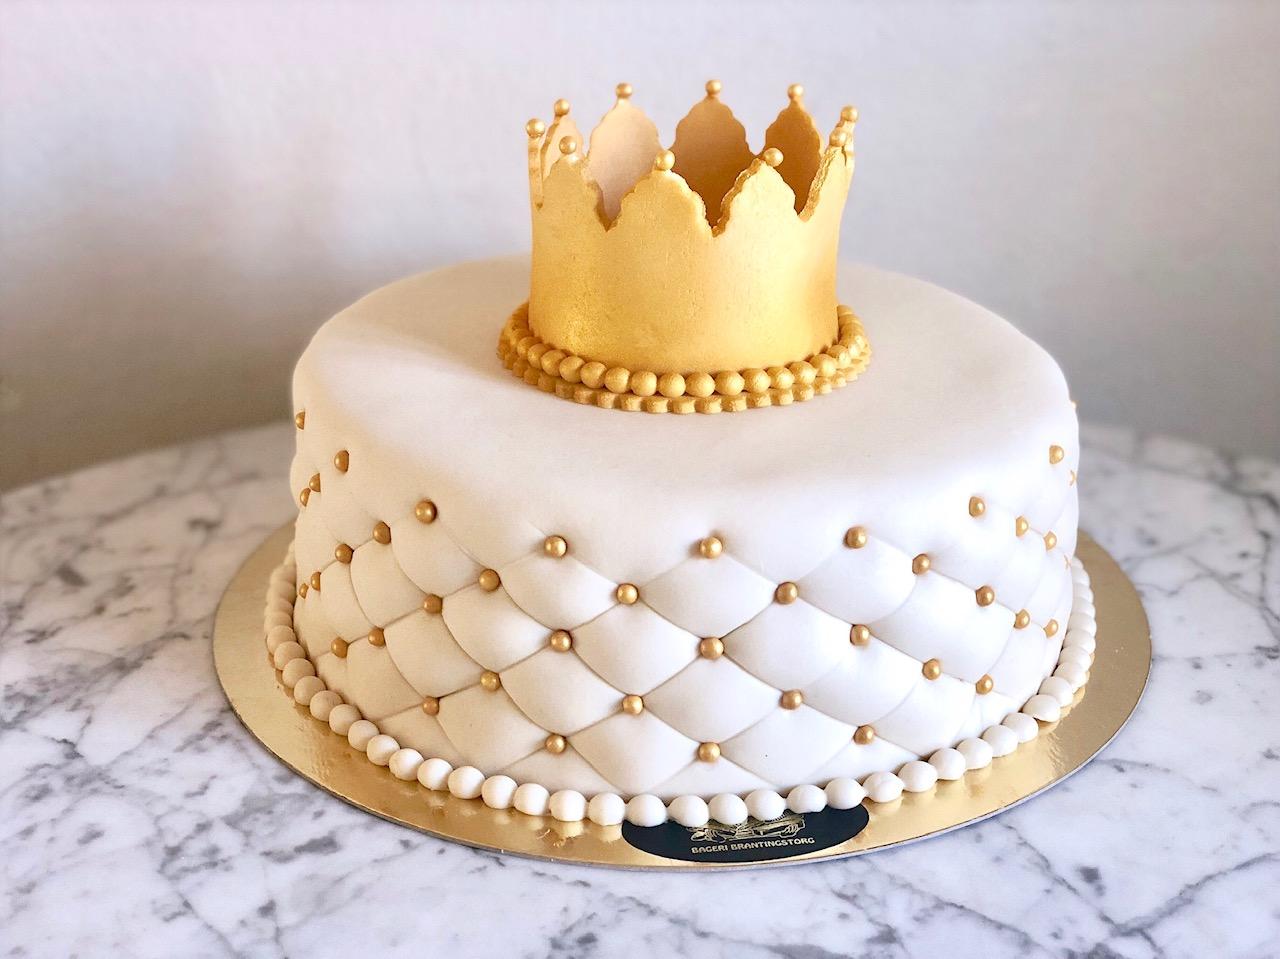 Vit tårta + gulddetaljer + guldkrona